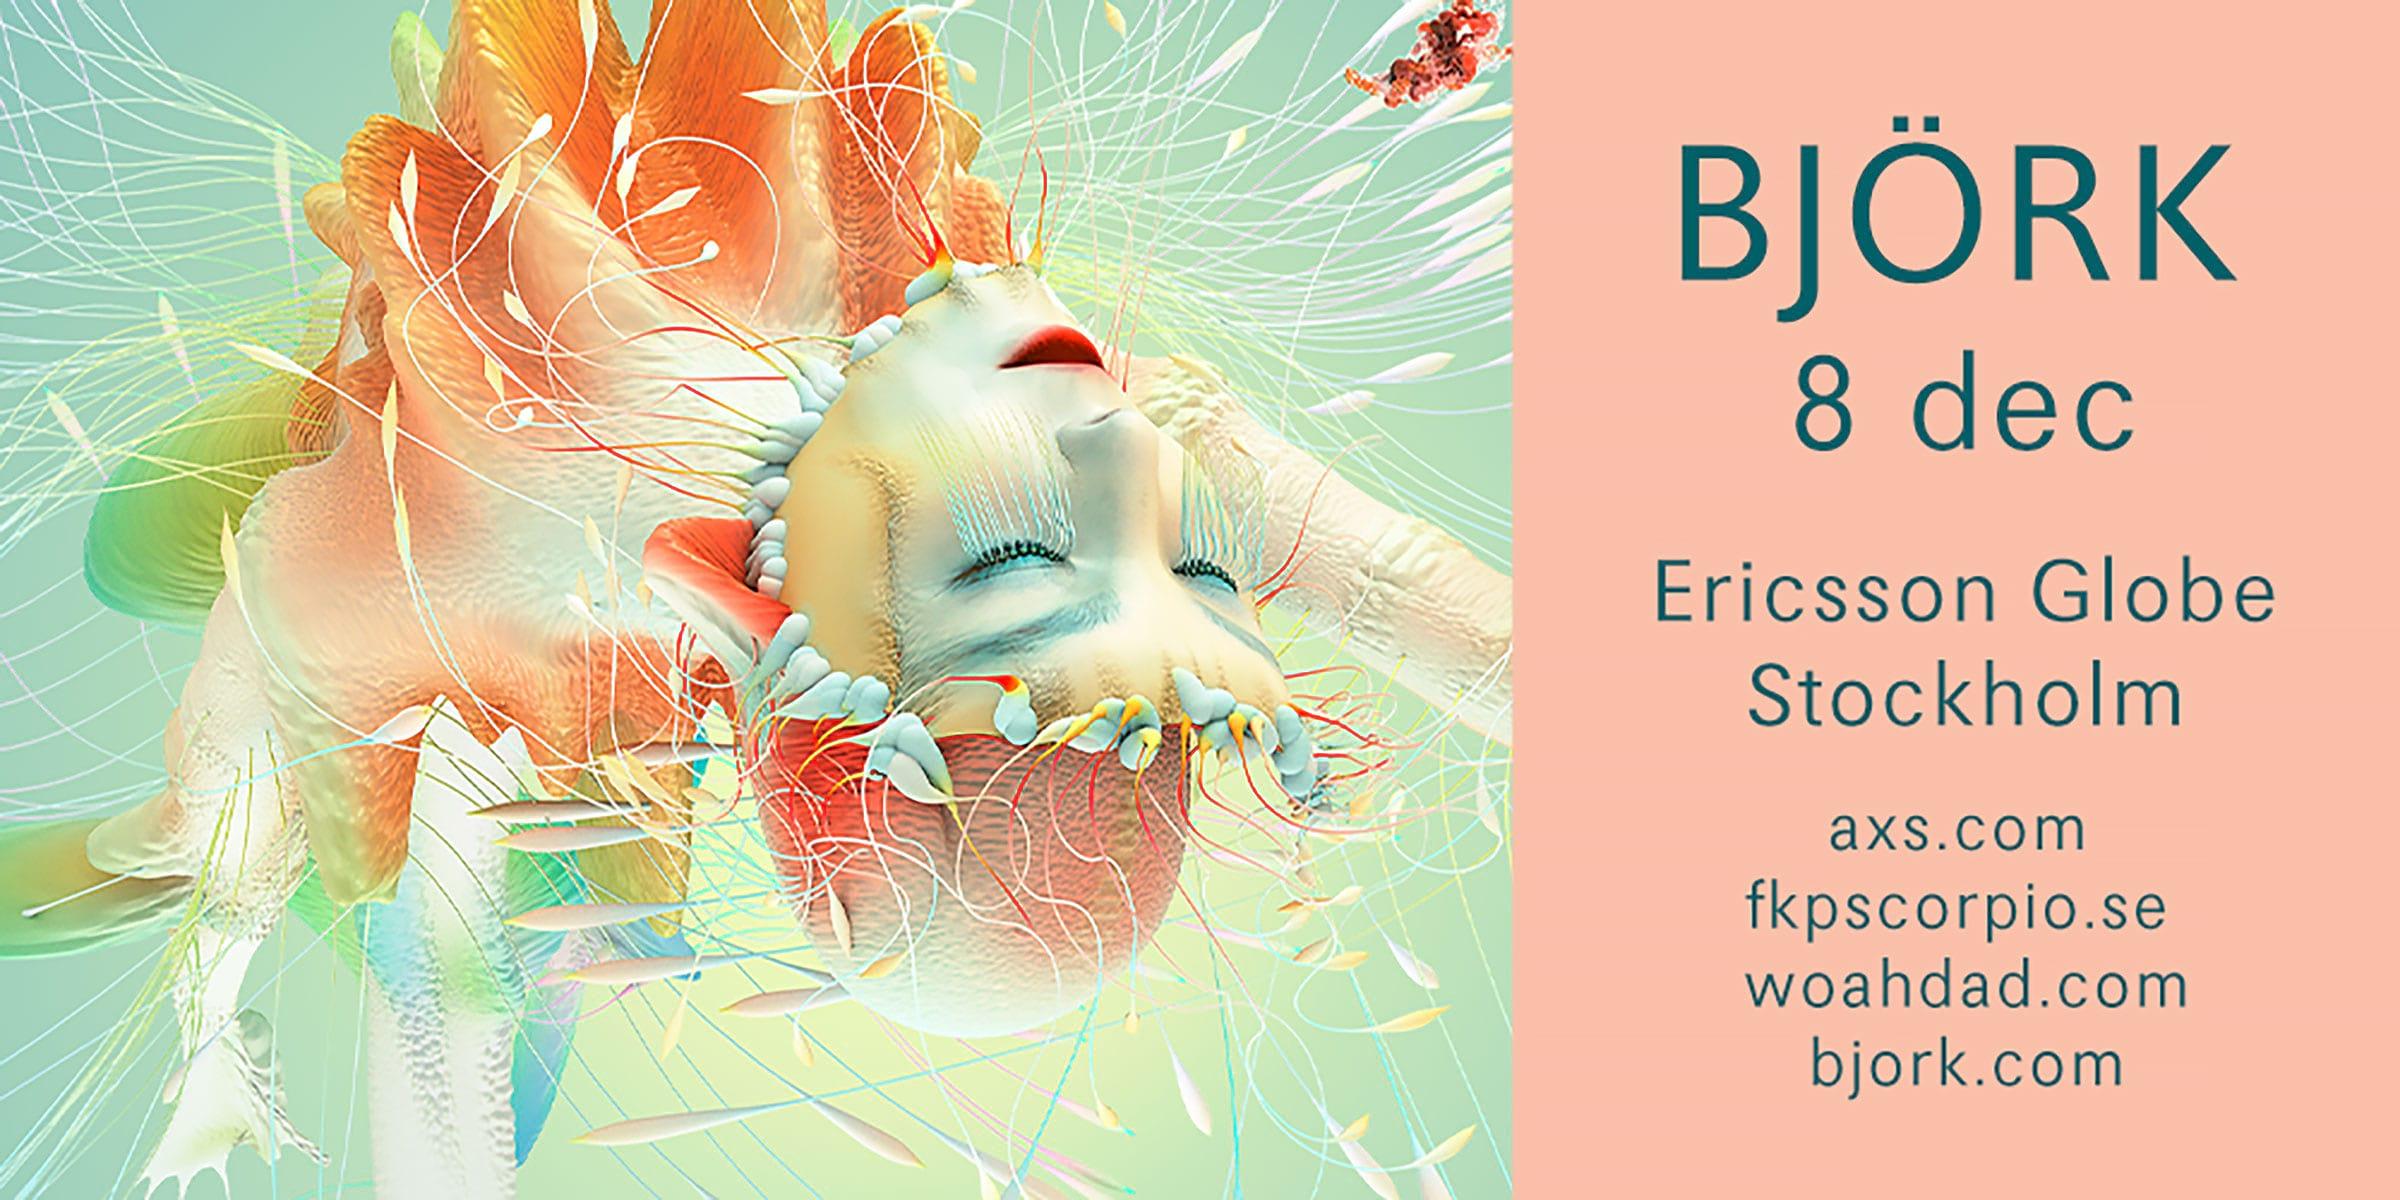 Björk spelar i Globen